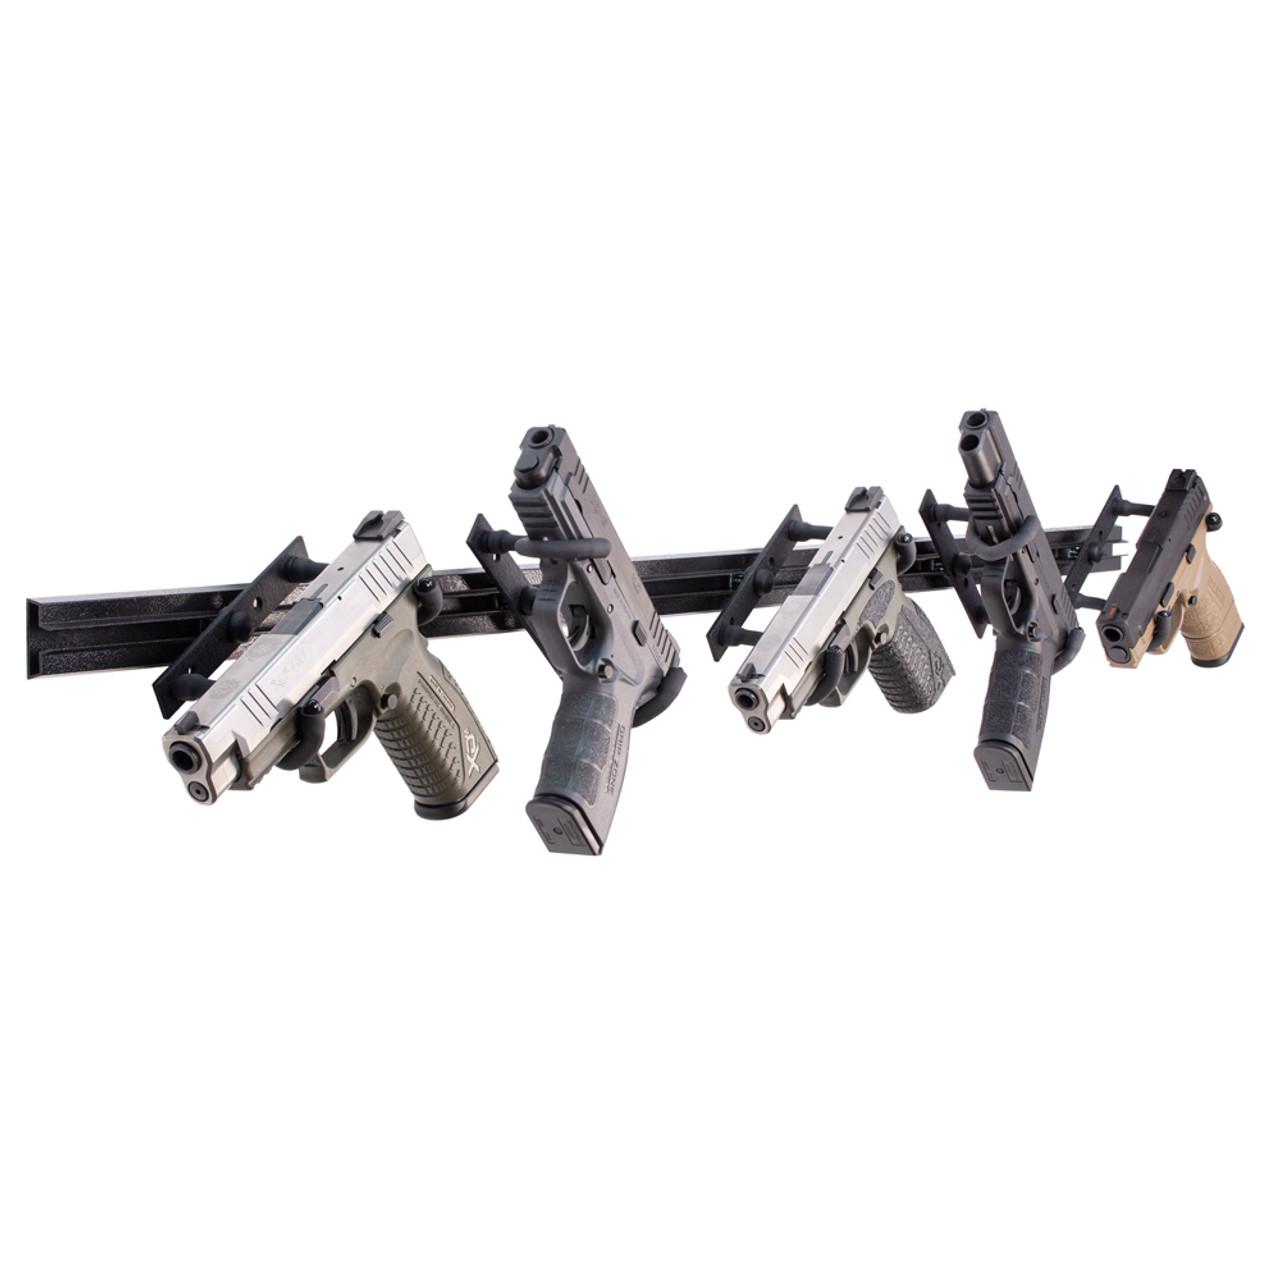 5 handgun rack wall mount hdtk509